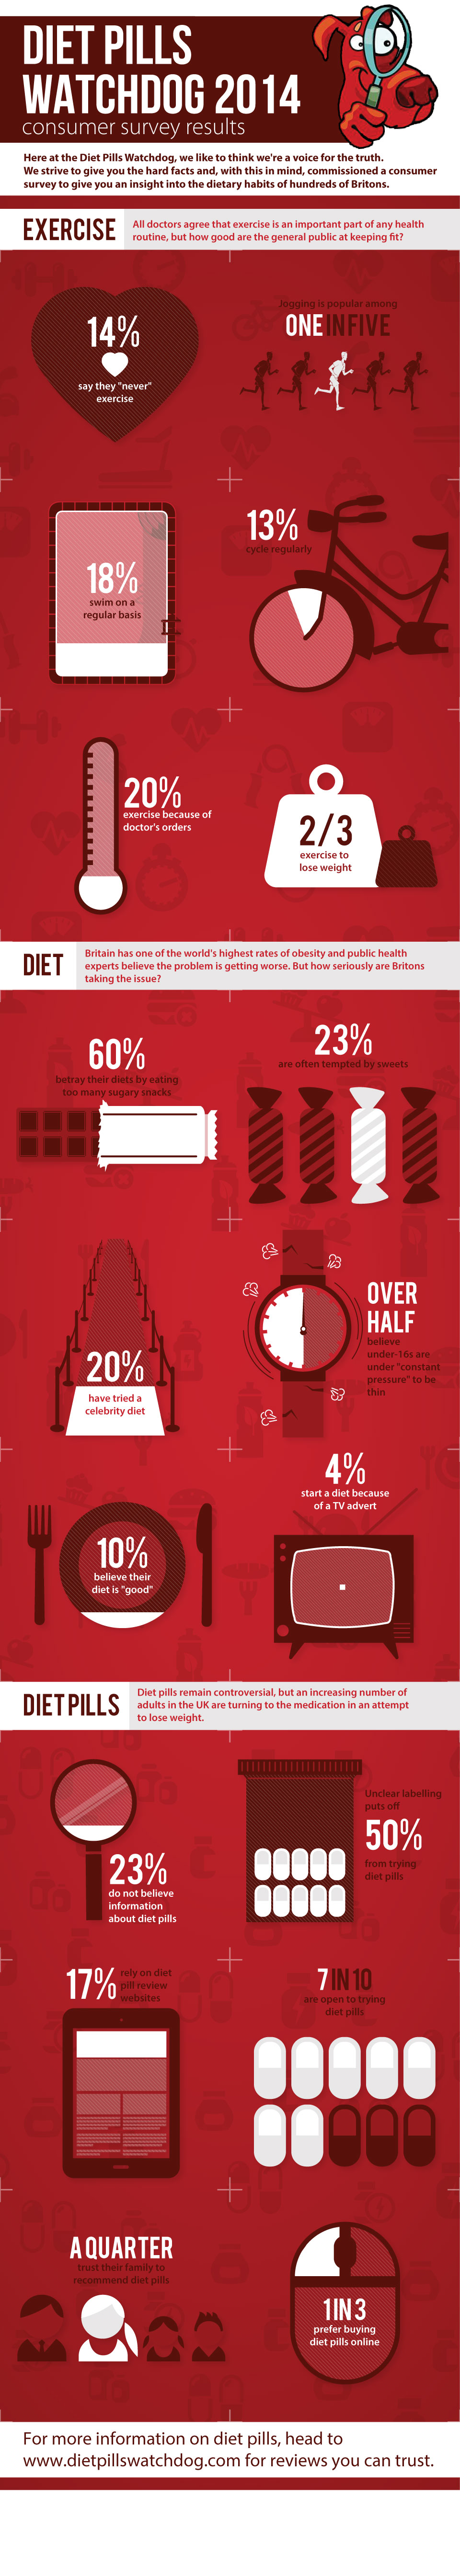 diet-pills-watchdog-2014-infographic